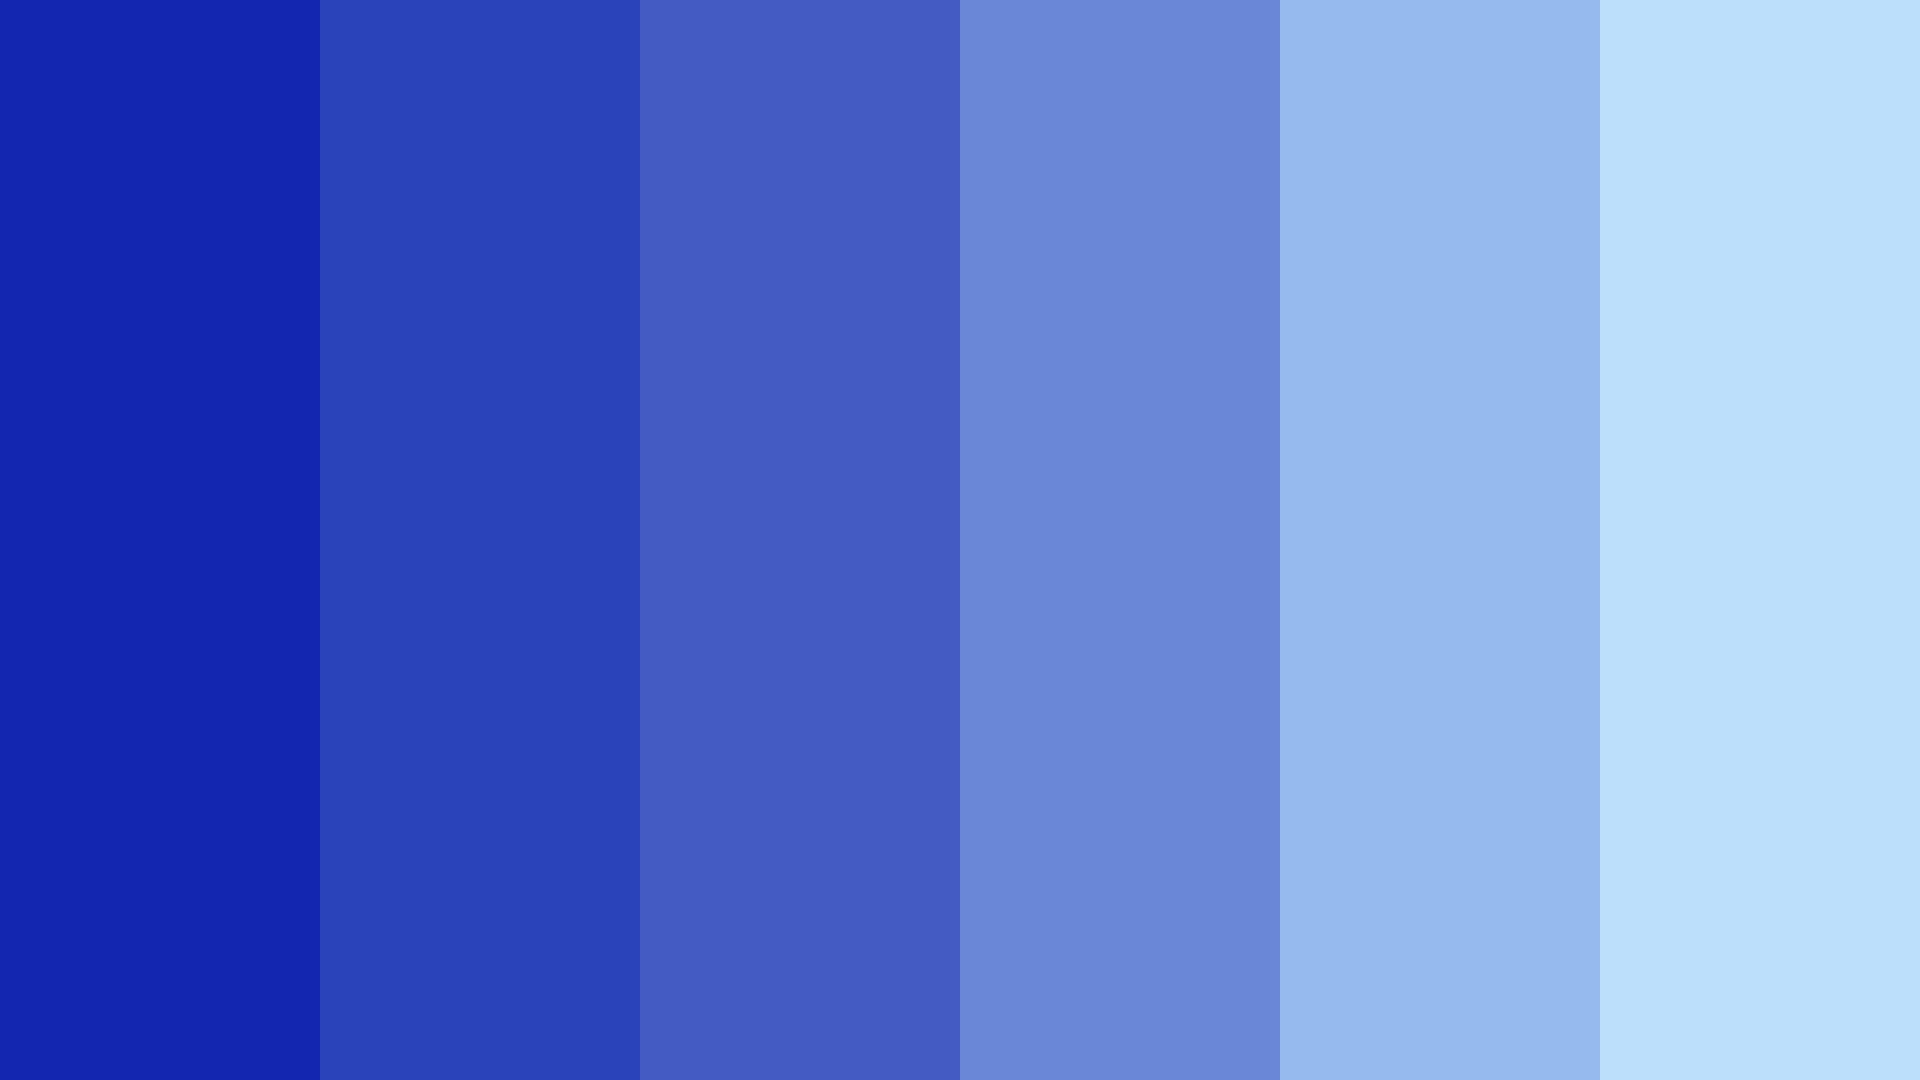 schema-di-colore-monocromatico